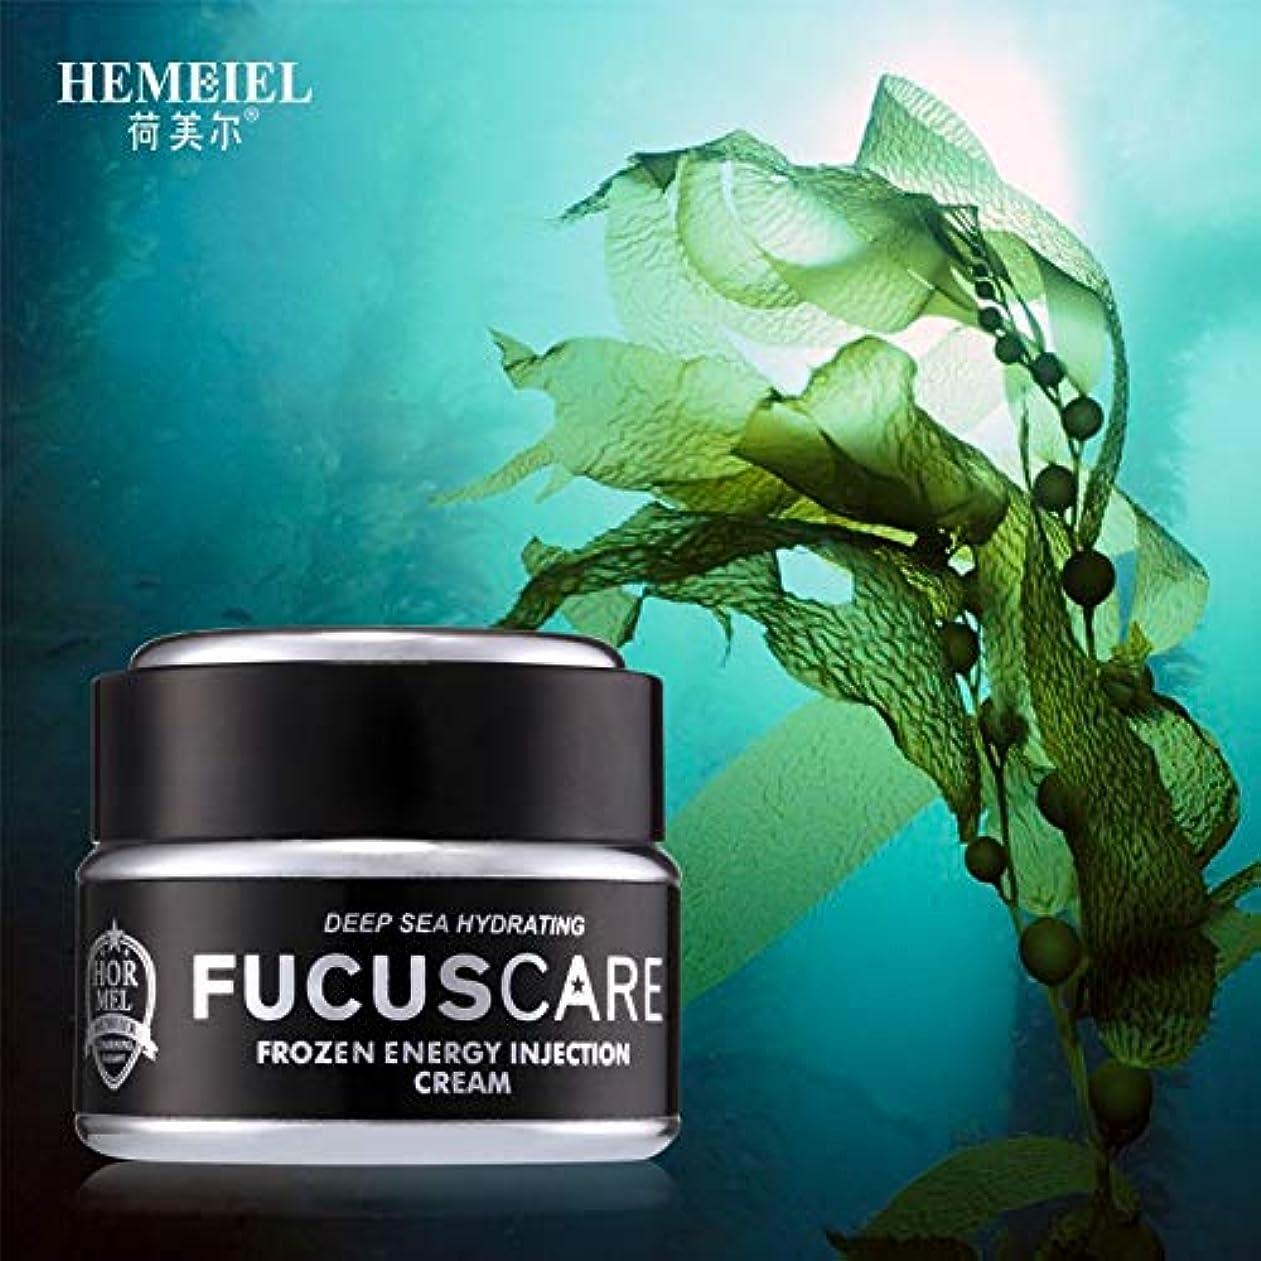 残酷頭痛グローブHEMEIELモイスチャライジングクリーム深海海藻エッセンススーパーハイドレイティングオイルコントロールフェイスクリームコーニンクリーム